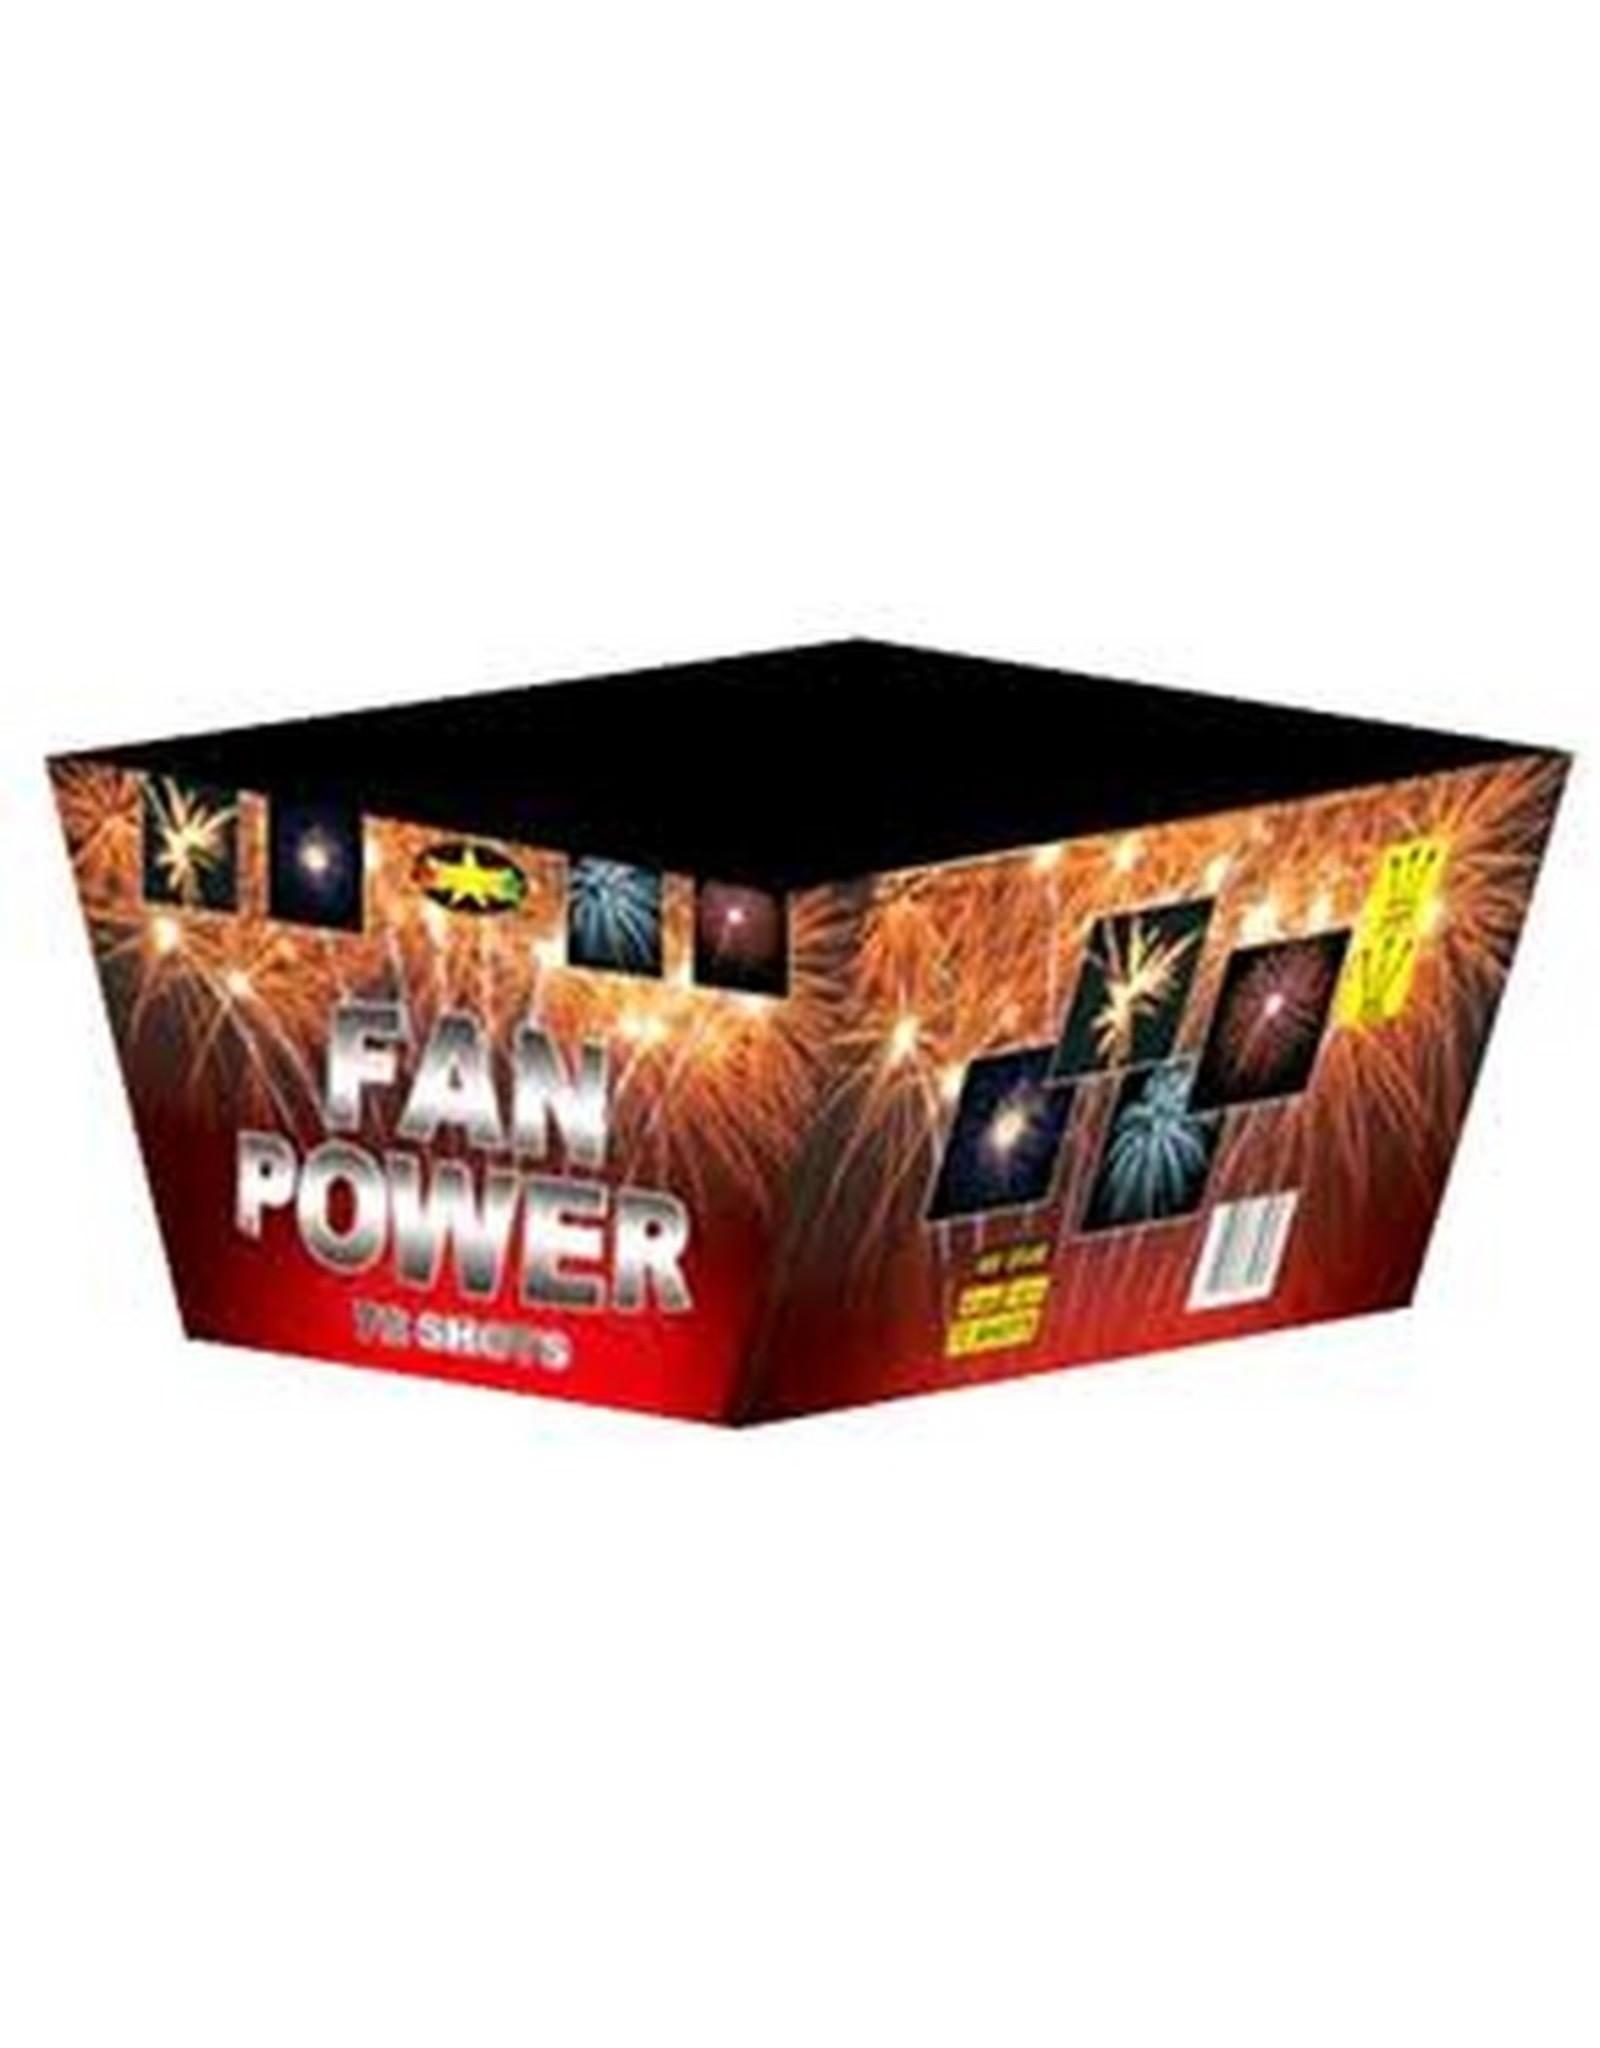 TRISTAR Fan power 72 sh